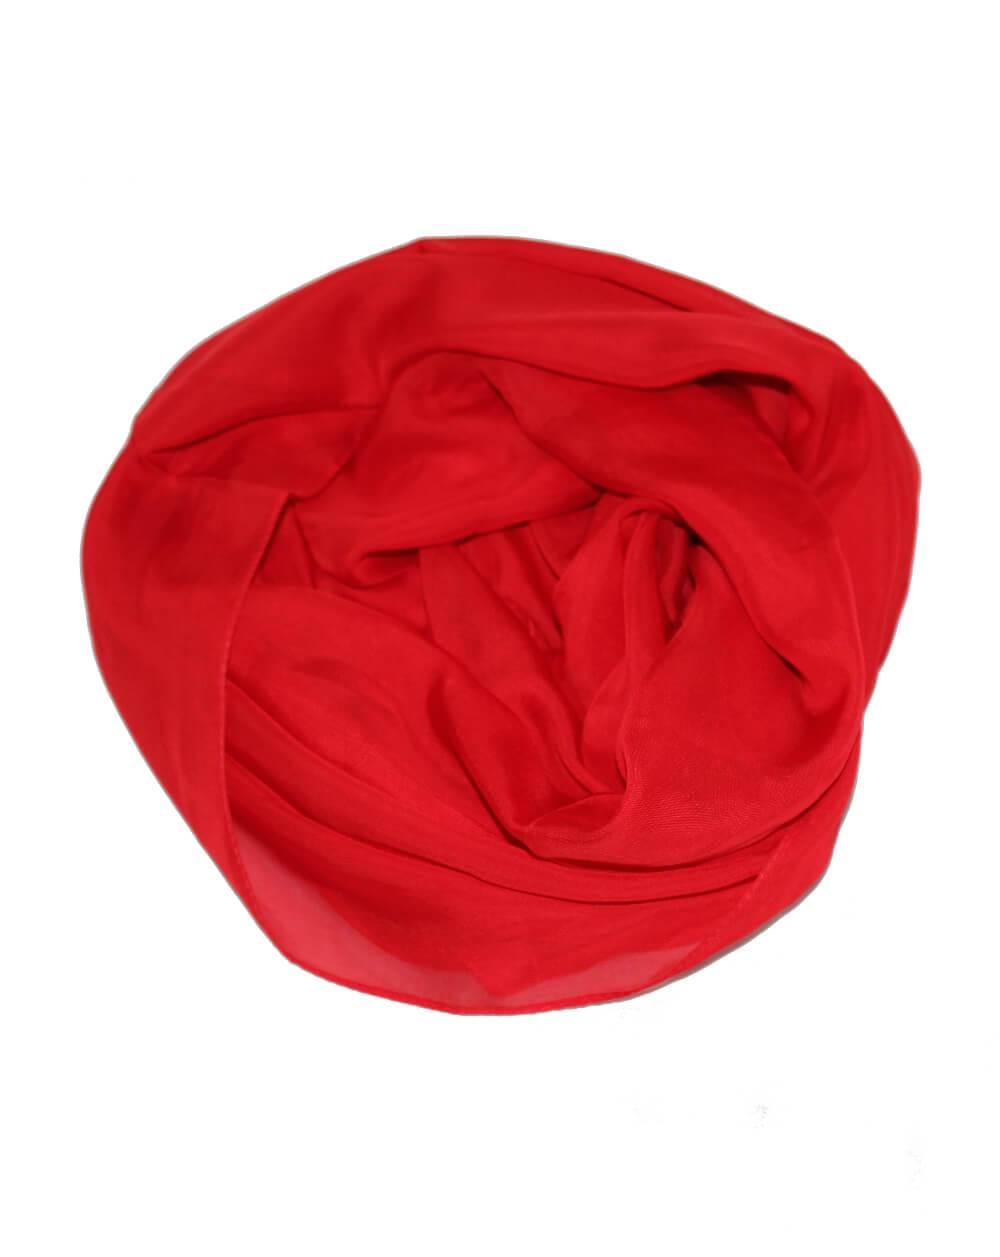 c5c512362b1 Let tørklæde i rød til fast lav online pris hos Smikka.dk!